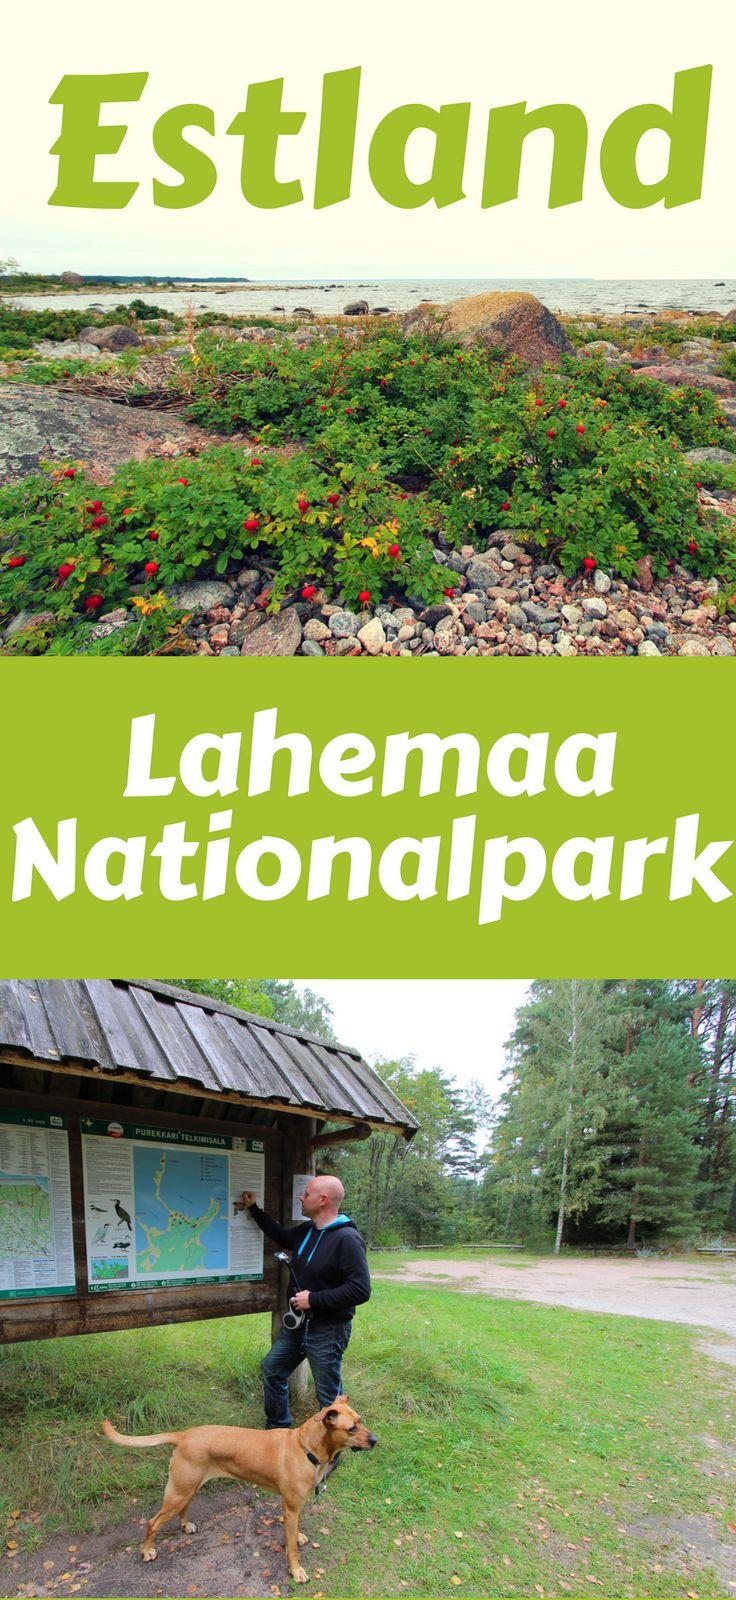 Der Lahemaa Nationalpark in Estland ist auf jeden Fall eine Reise wert. Dort kommt man auch an den nördlichsten Punkt Estlands und hat tolle Möglichkeiten, dort zu wandern und spazieren zu gehen. Estland ist allemal einen Besuch wert.